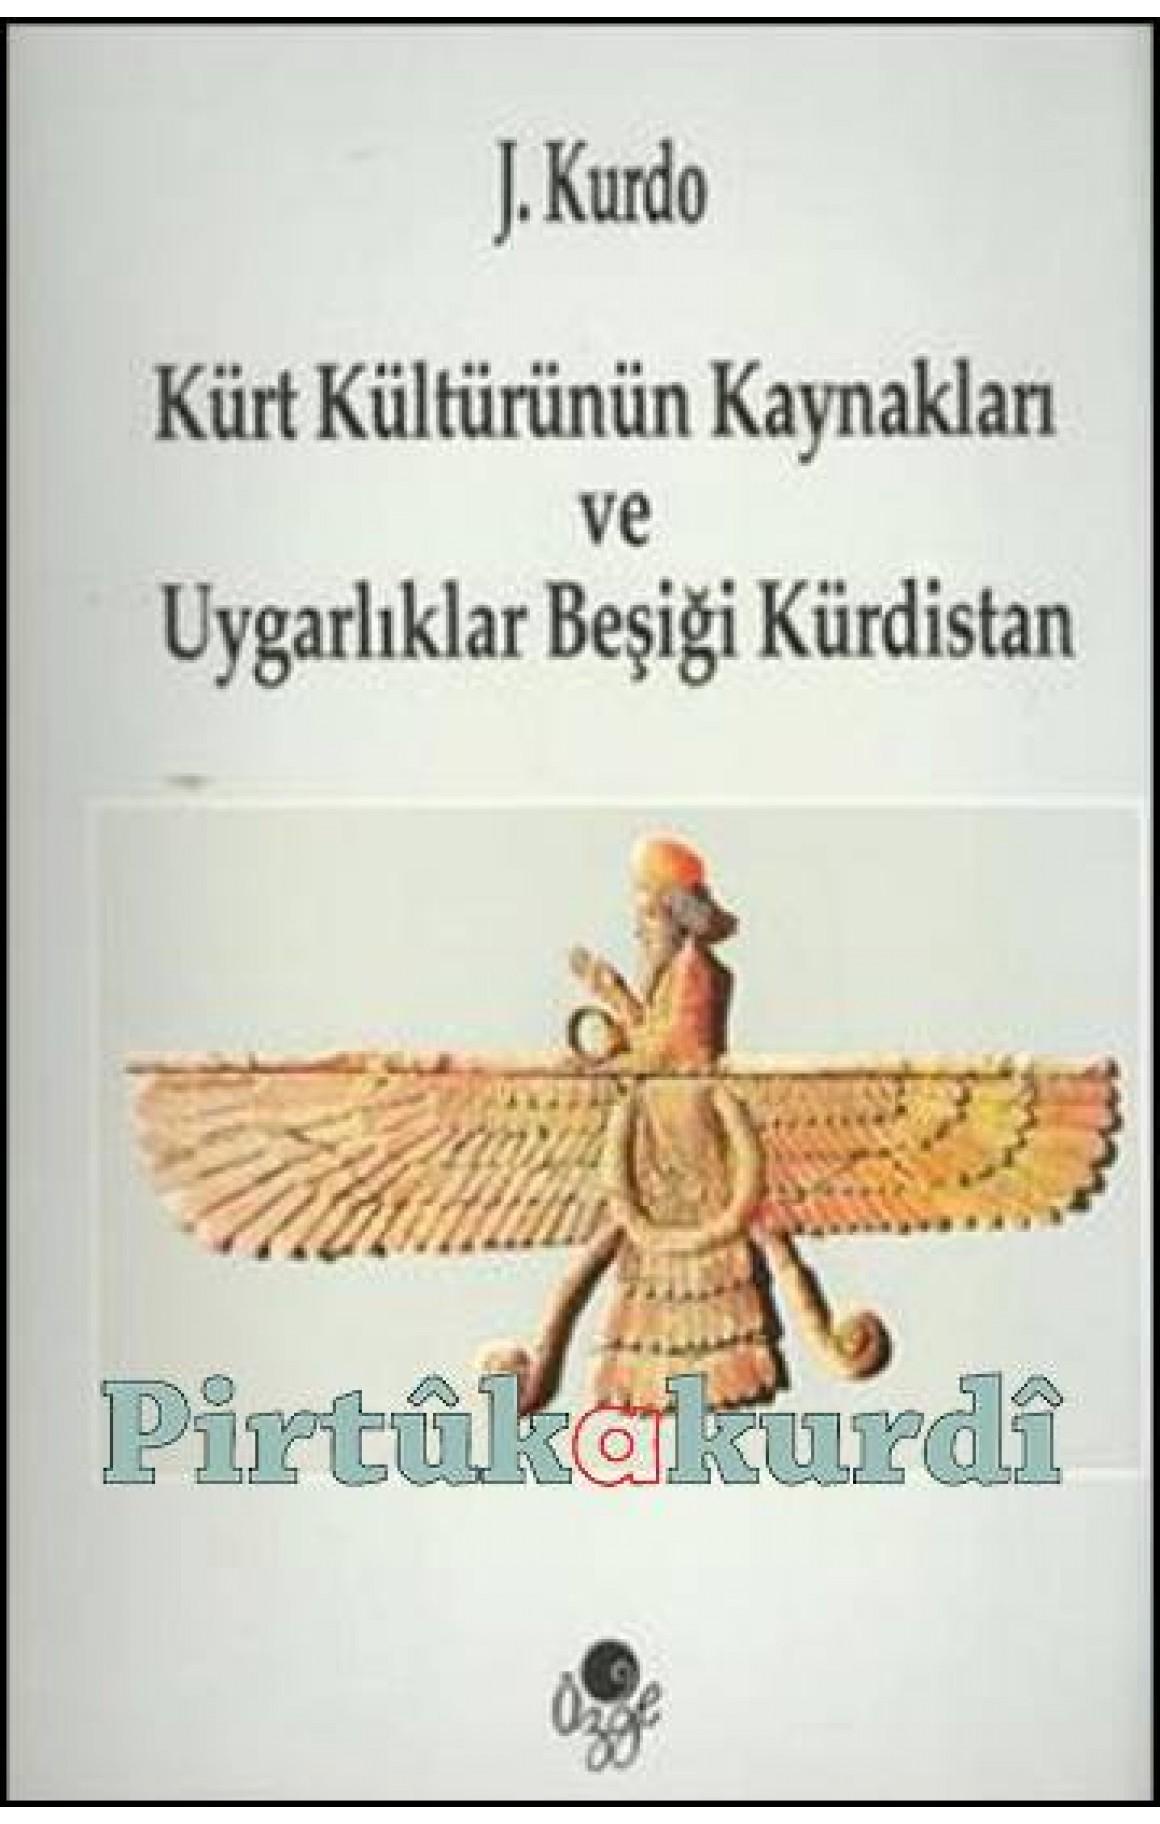 Kürt Kültürünün Kaynakları ve Uygarlık Beşiği Kürdistan